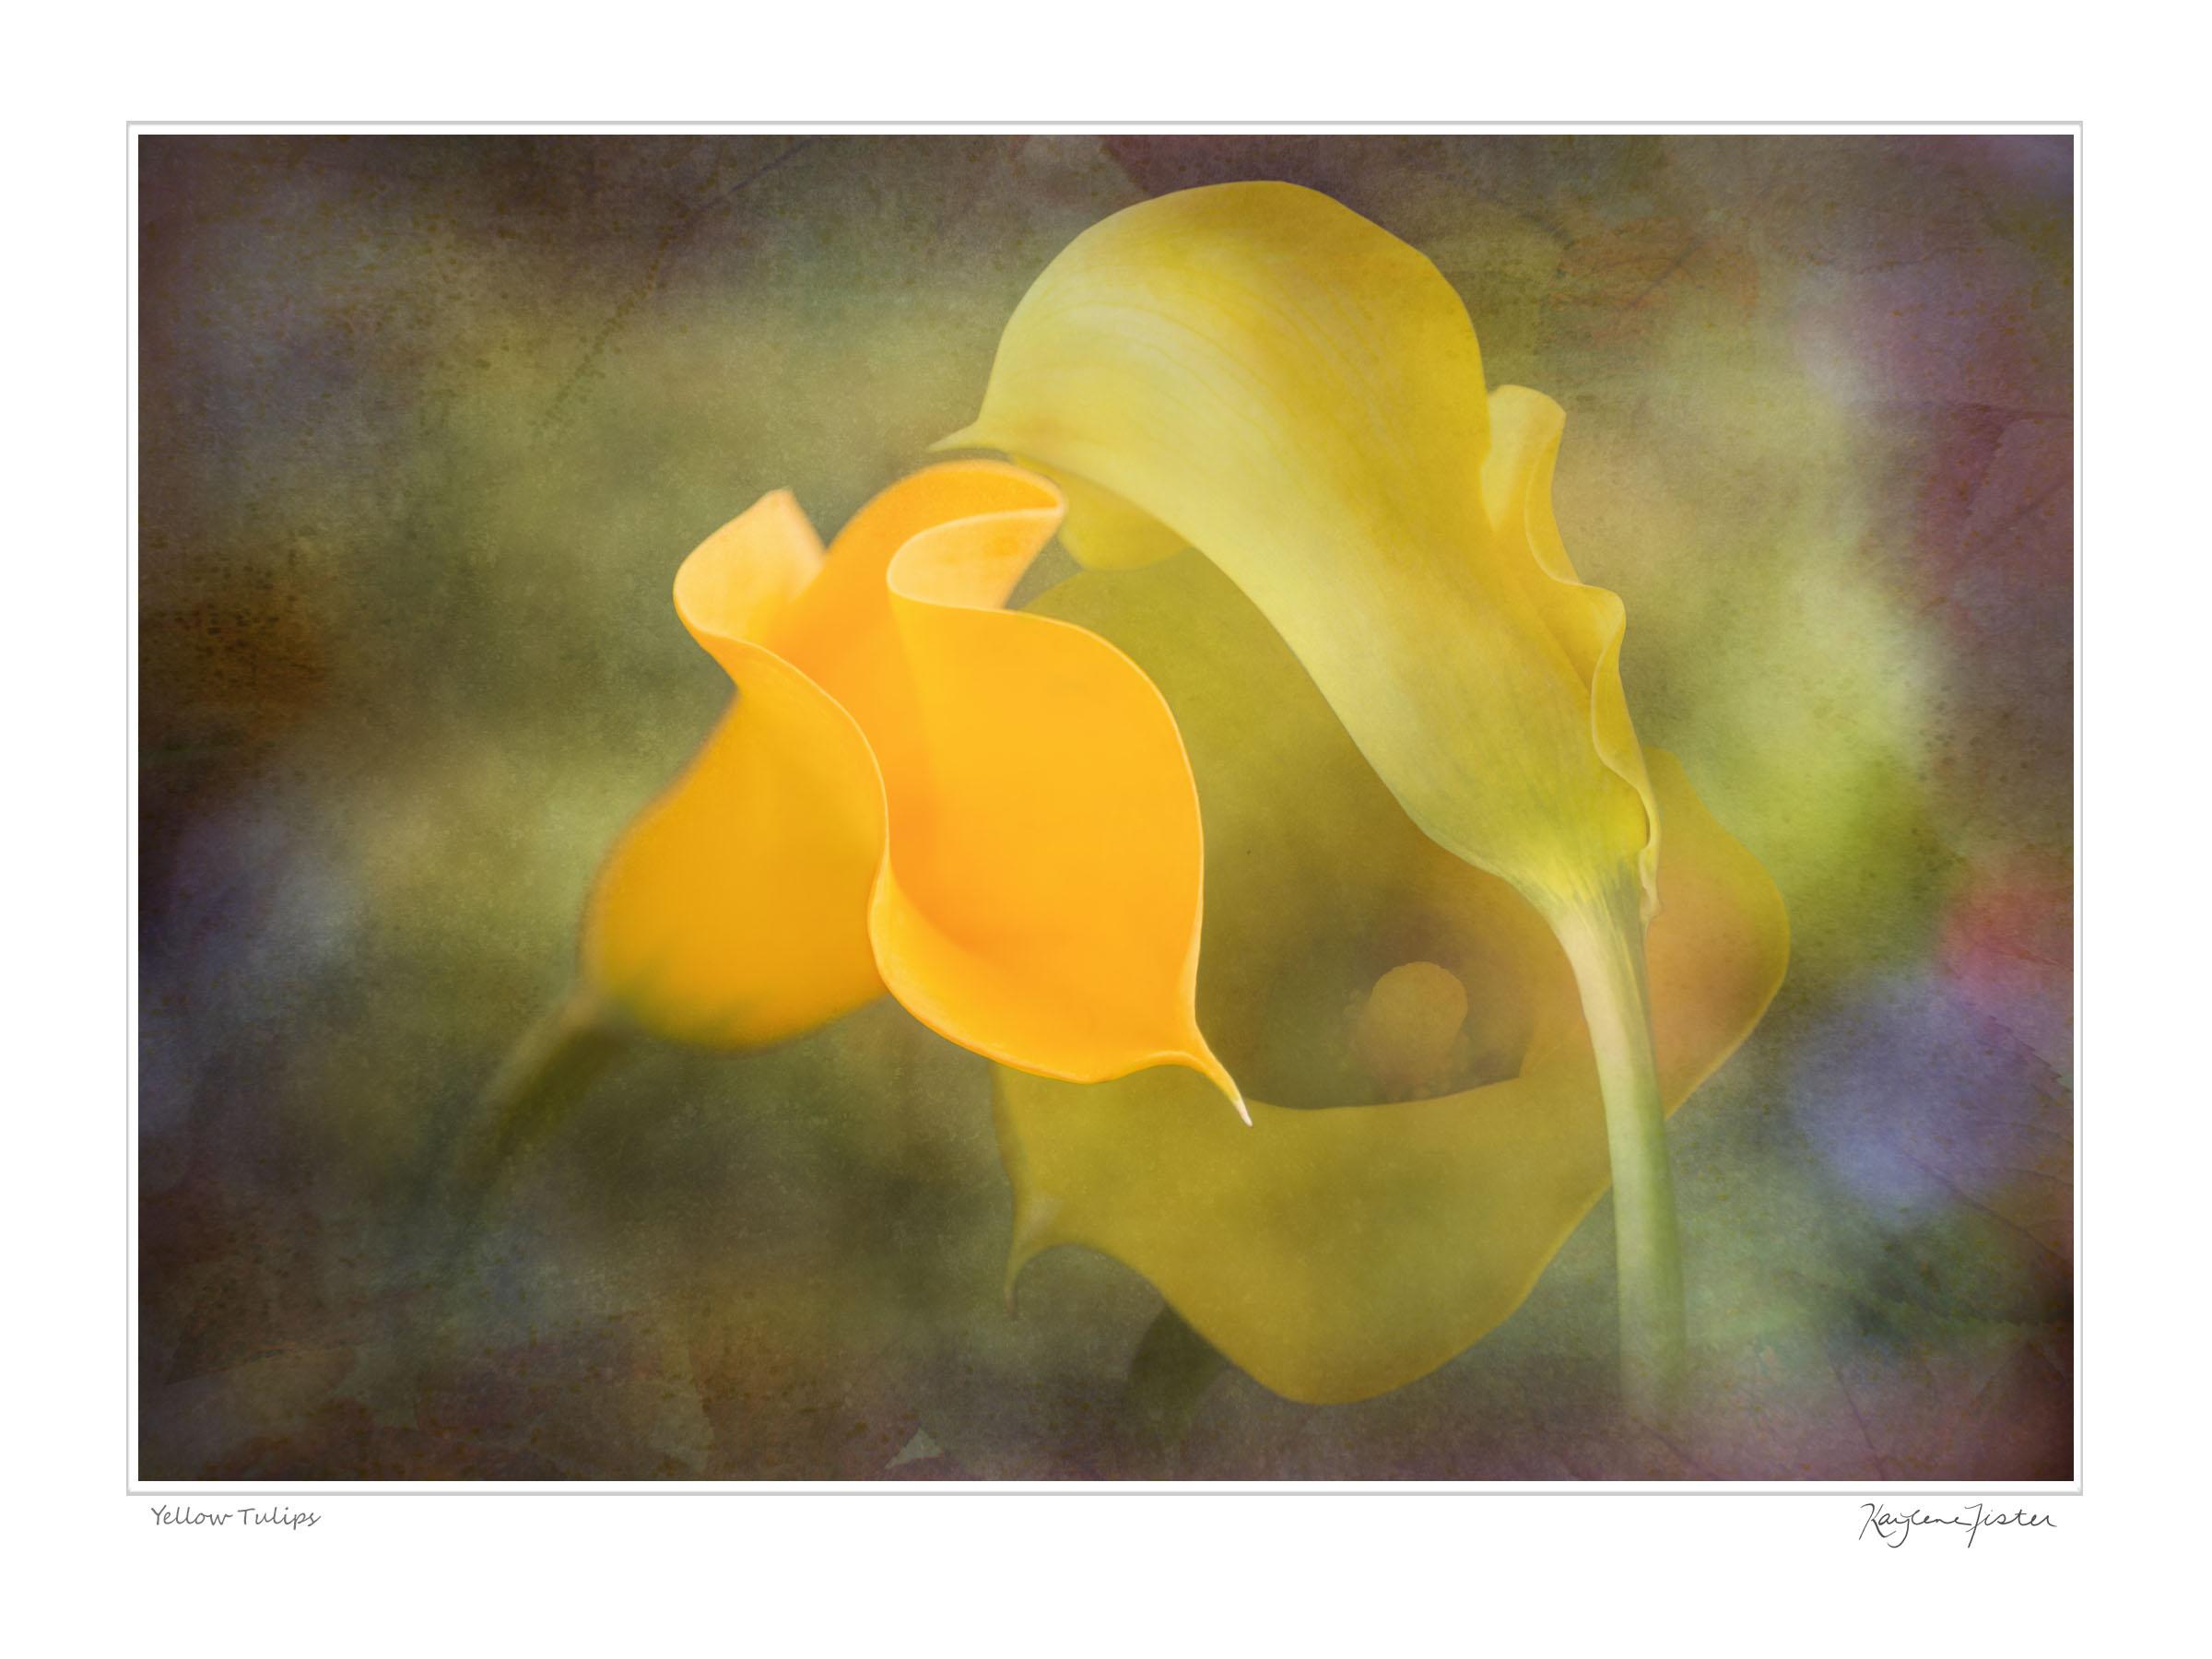 0084:6773 Yellow Tulip